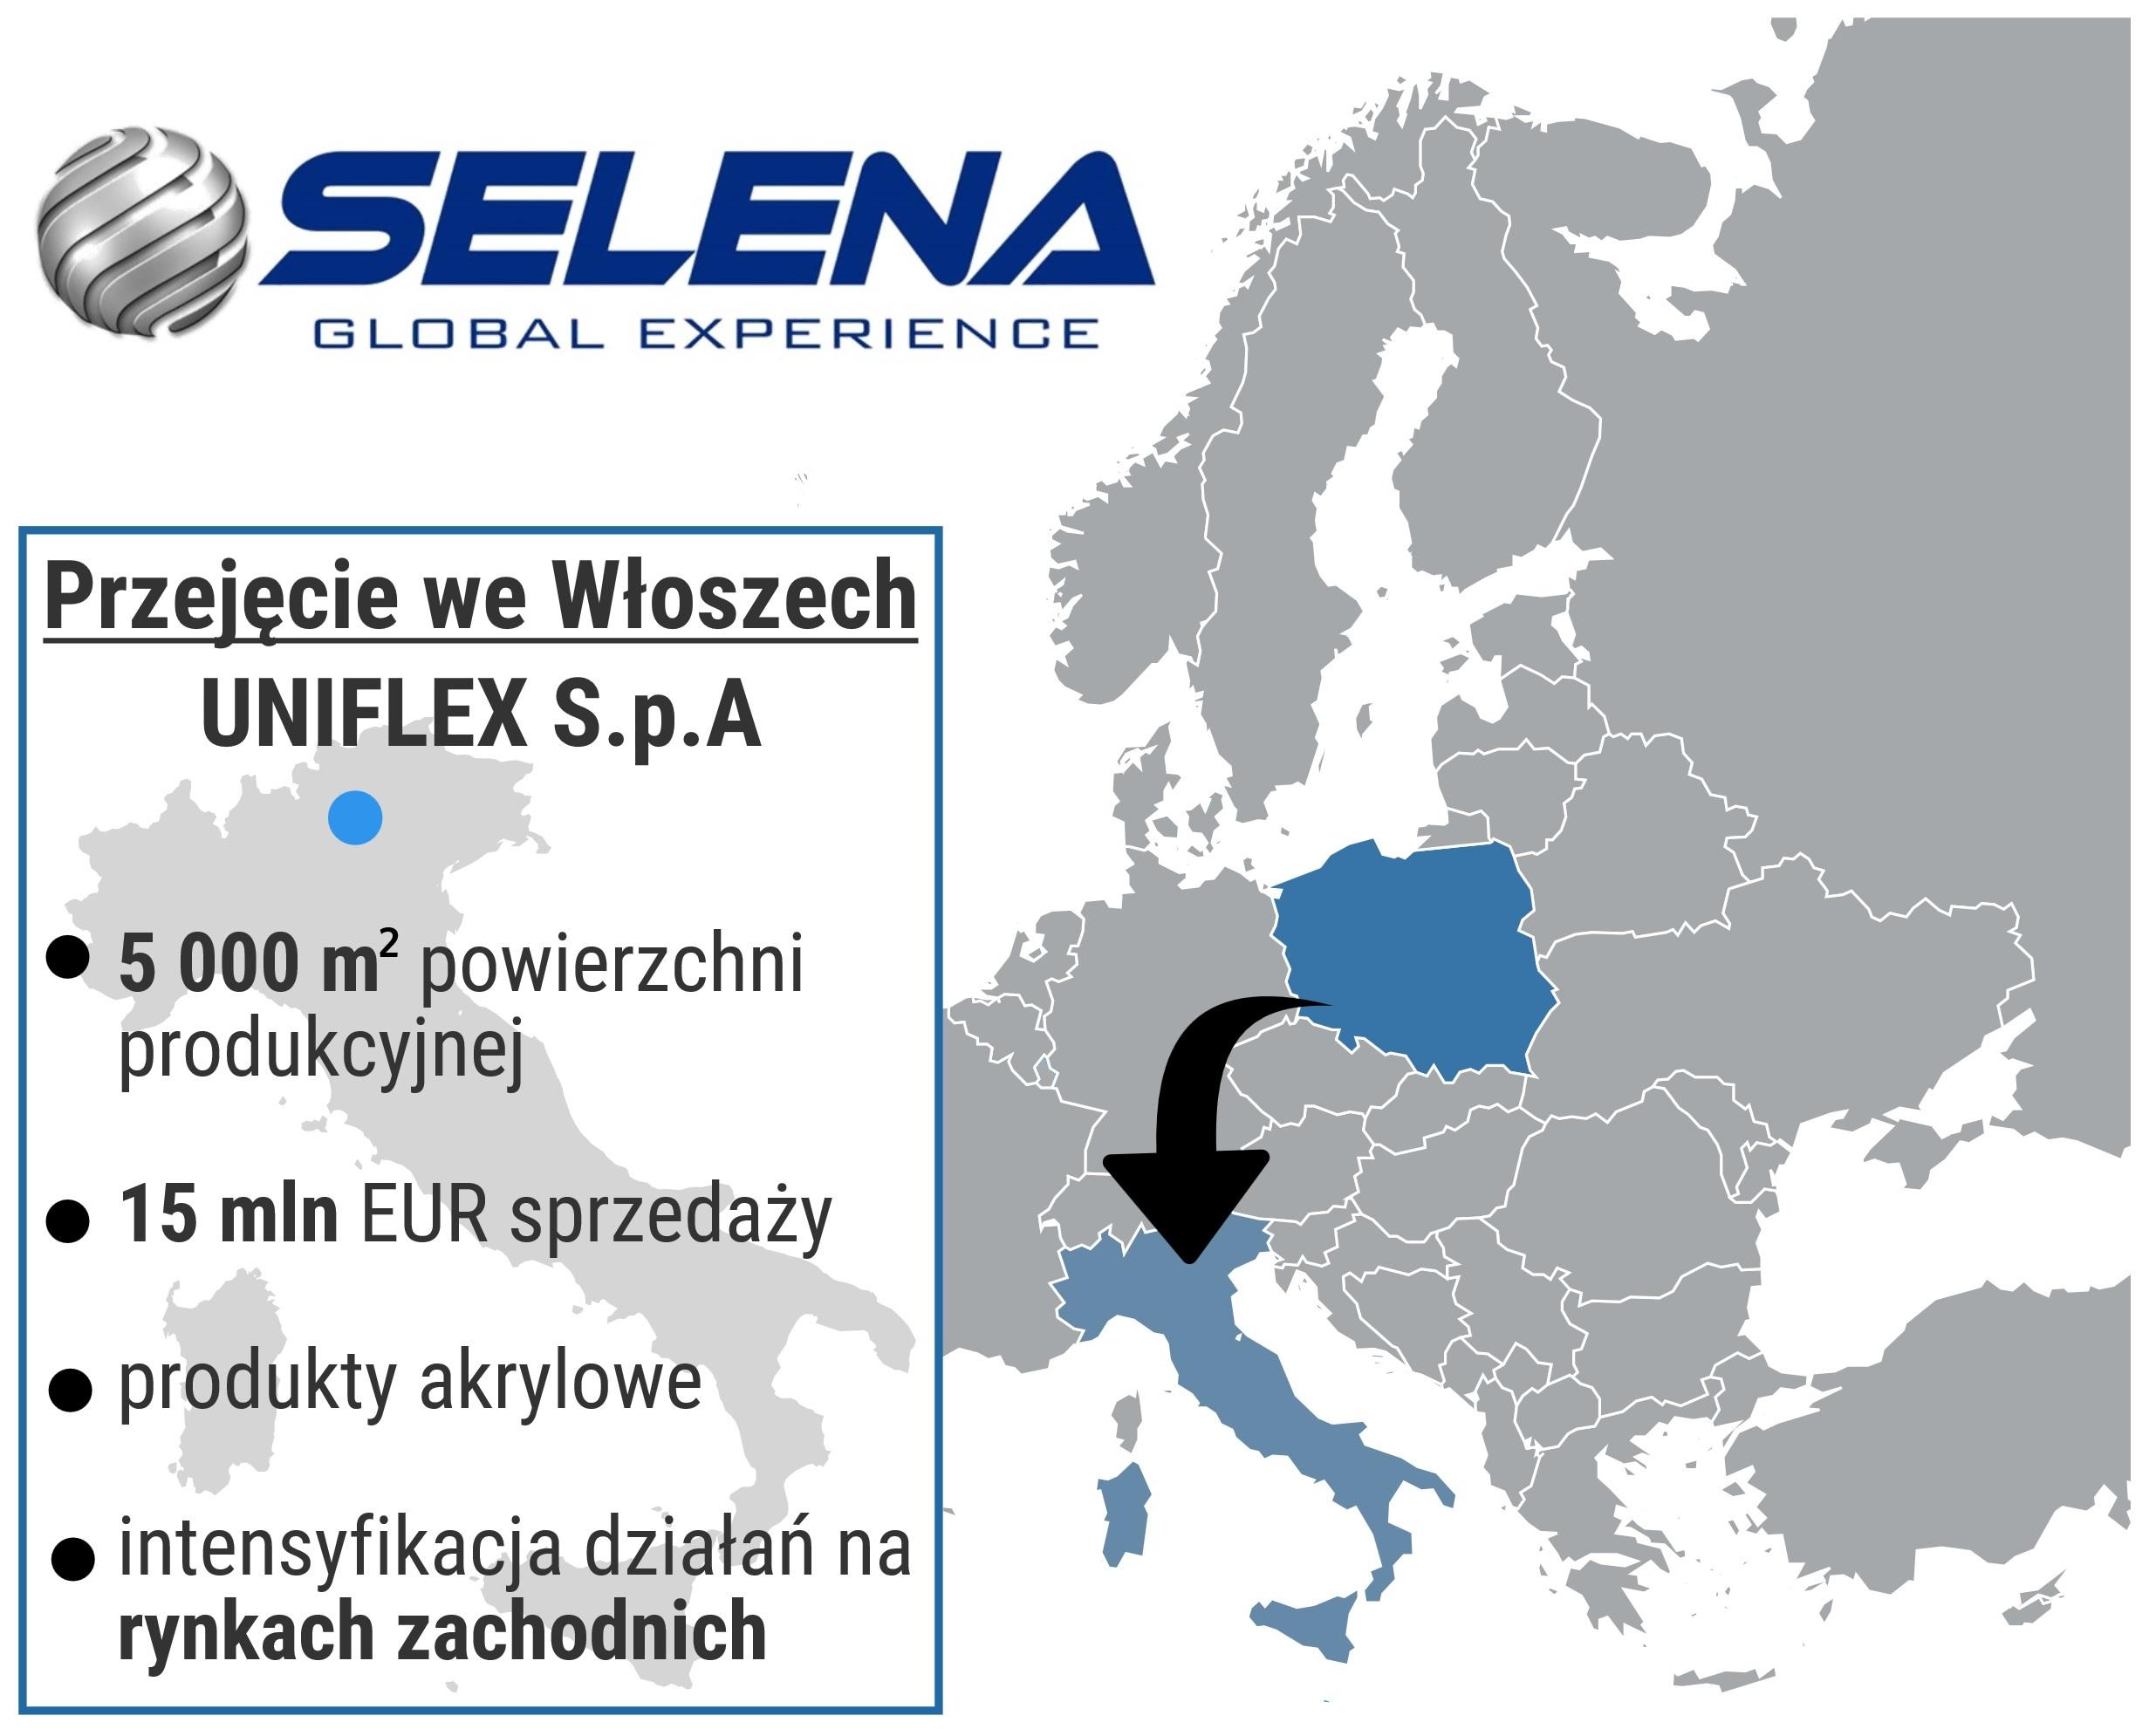 GRUPA SELENA PRZEJĘŁA SPÓŁKĘ PRODUKCYJNĄ WE WŁOSZECH ZA 1,66 MLN EURO